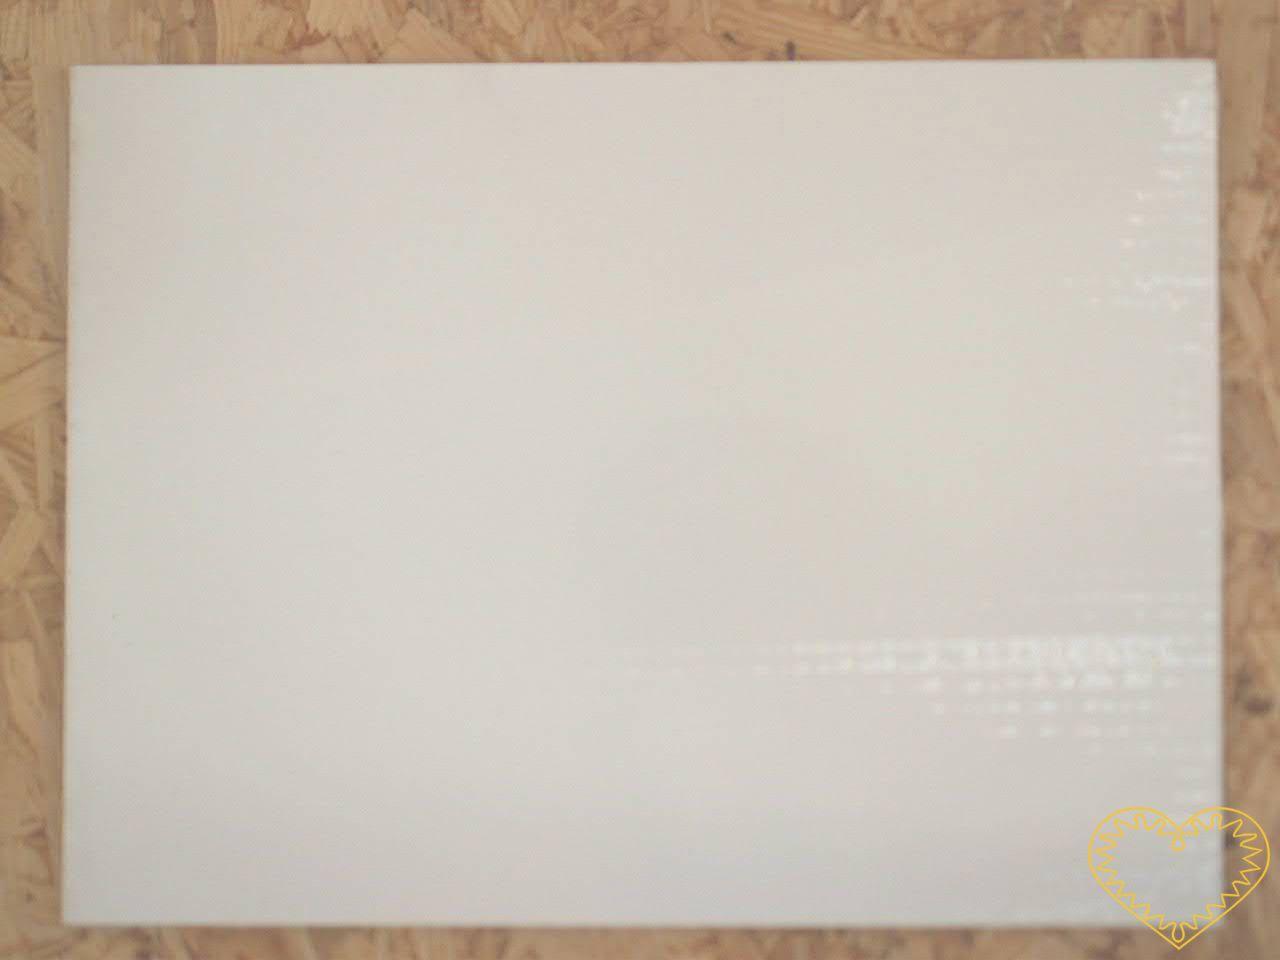 Malířská deska s plátnem - rozměr 30 x 40 cm. Speciální podkladová deska je 3,2 mm silná. Na svrchní straně je nalepeno 100% bavlněné plátno (upravené univerzálním šepsem), které není přetažené přes okraj na spodní stranu, ale je seříznuté tak, aby k